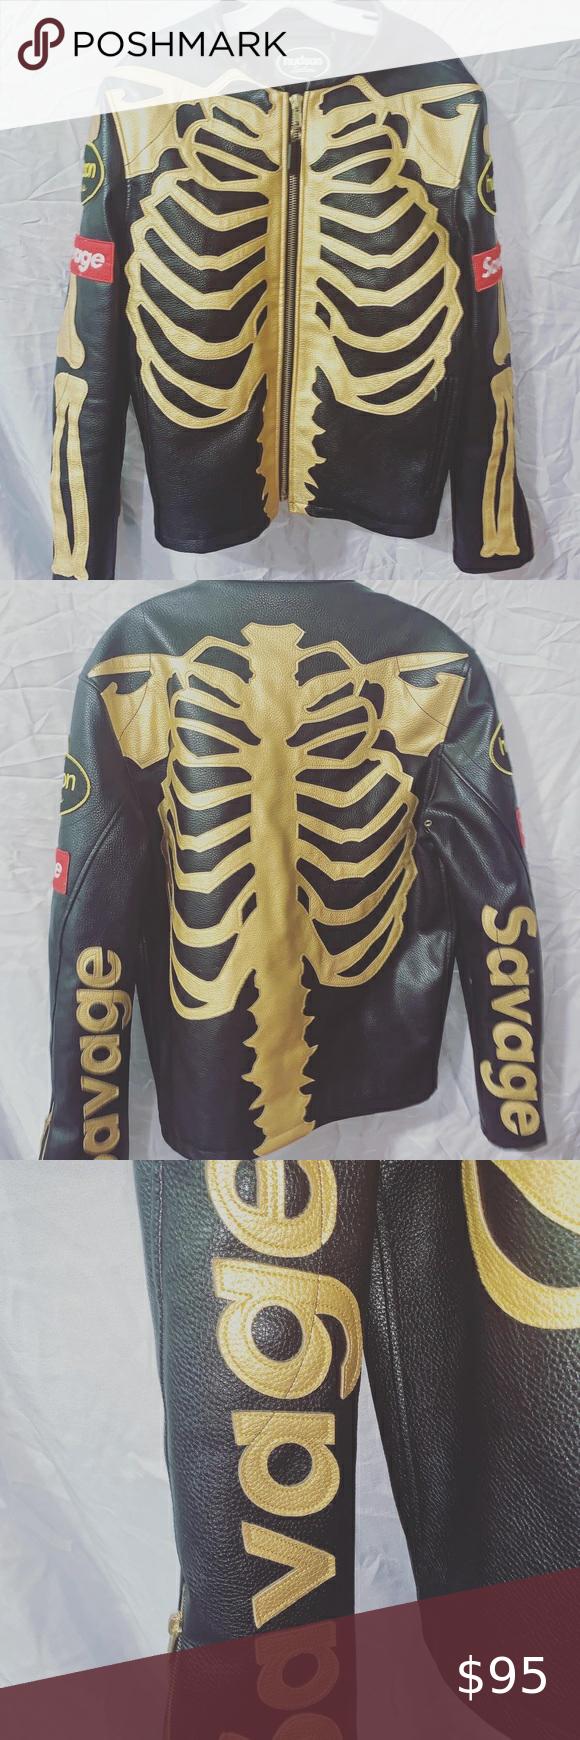 Hudson Leather Skeleton Jacket Size Small Black And Gold Jacket Gold Jacket Leather [ 1740 x 580 Pixel ]